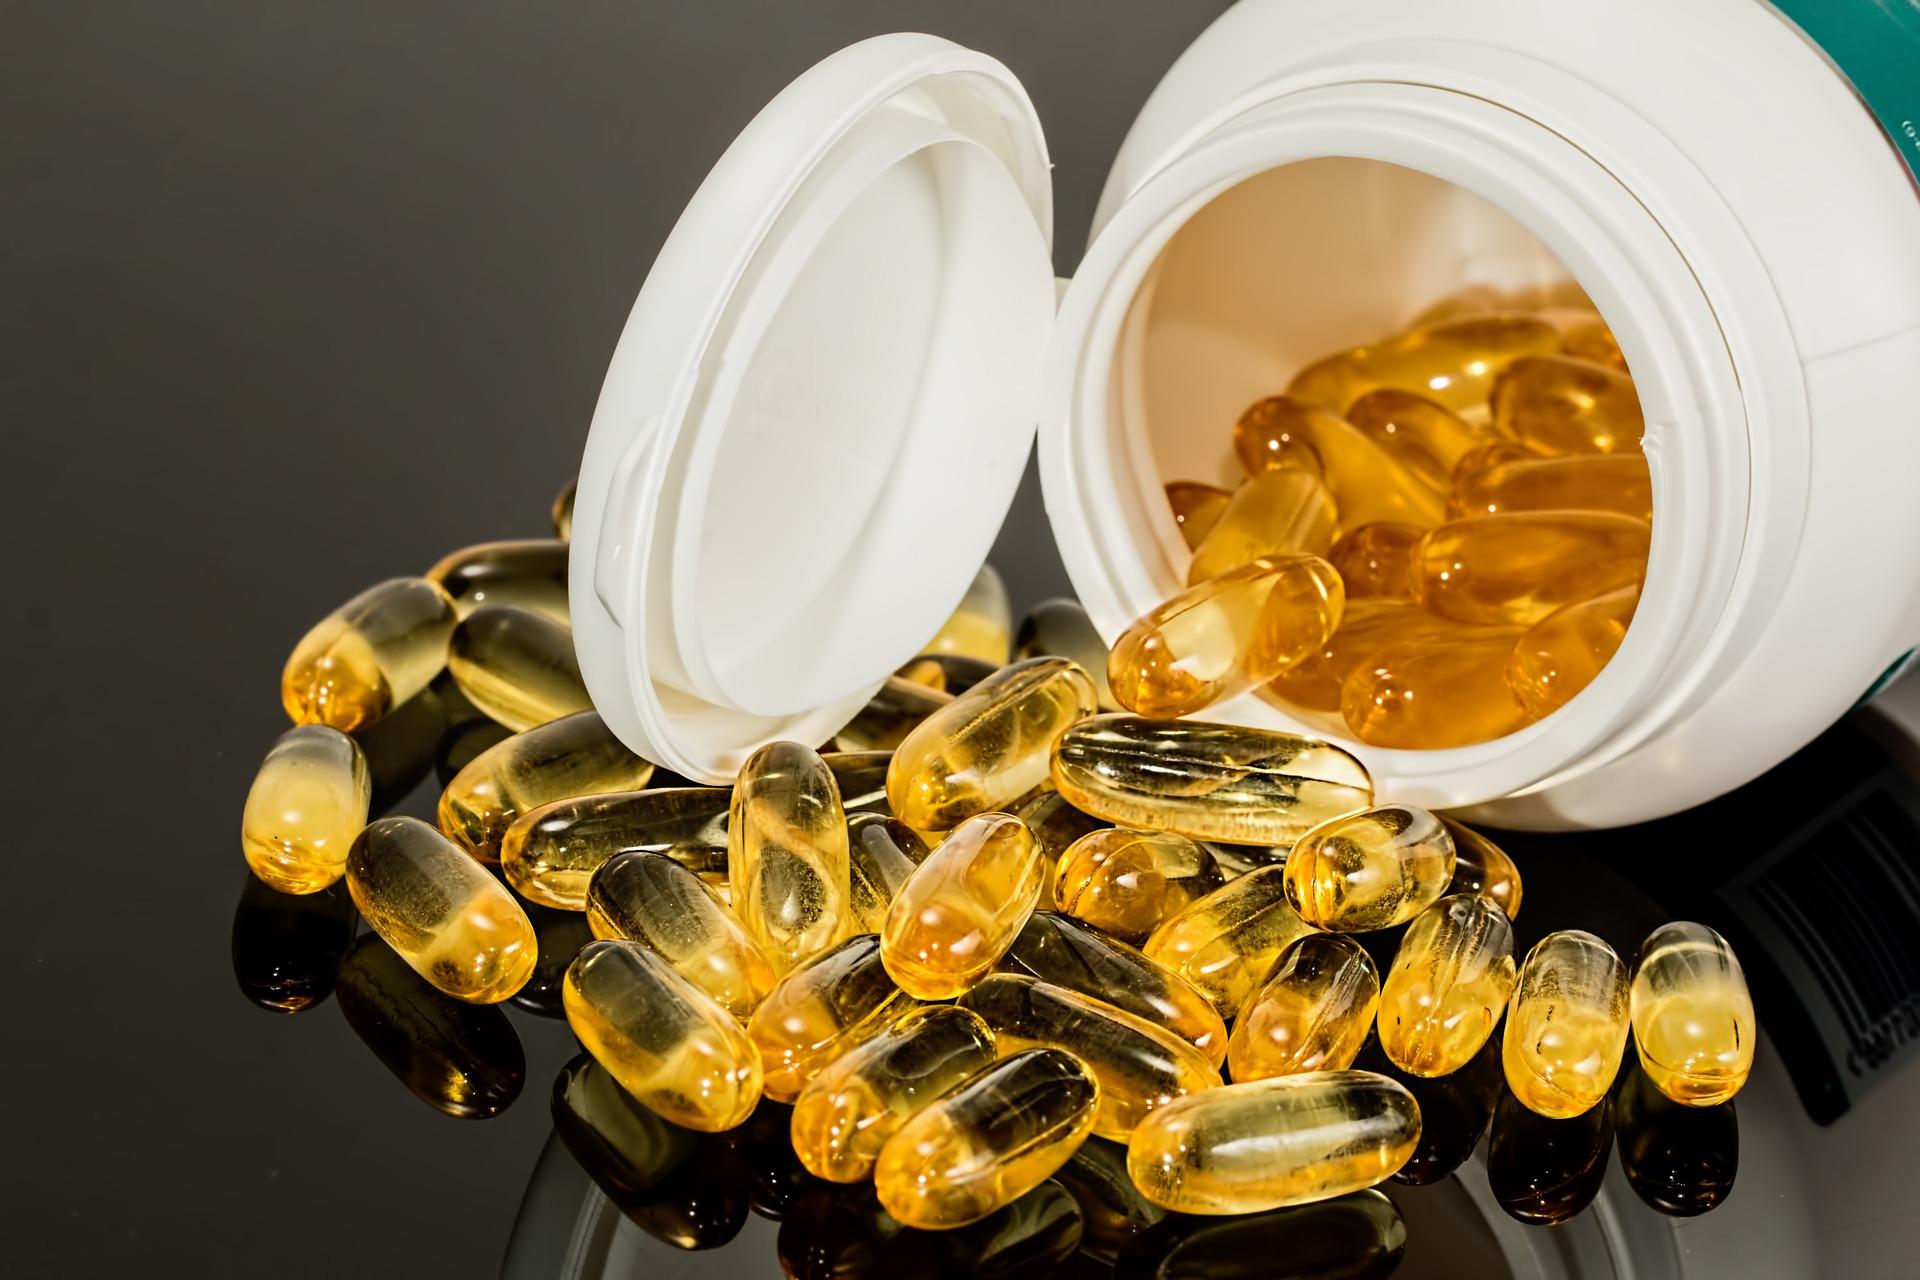 W aptece brakuje Twoich leków? Jak i gdzie ich szukać?